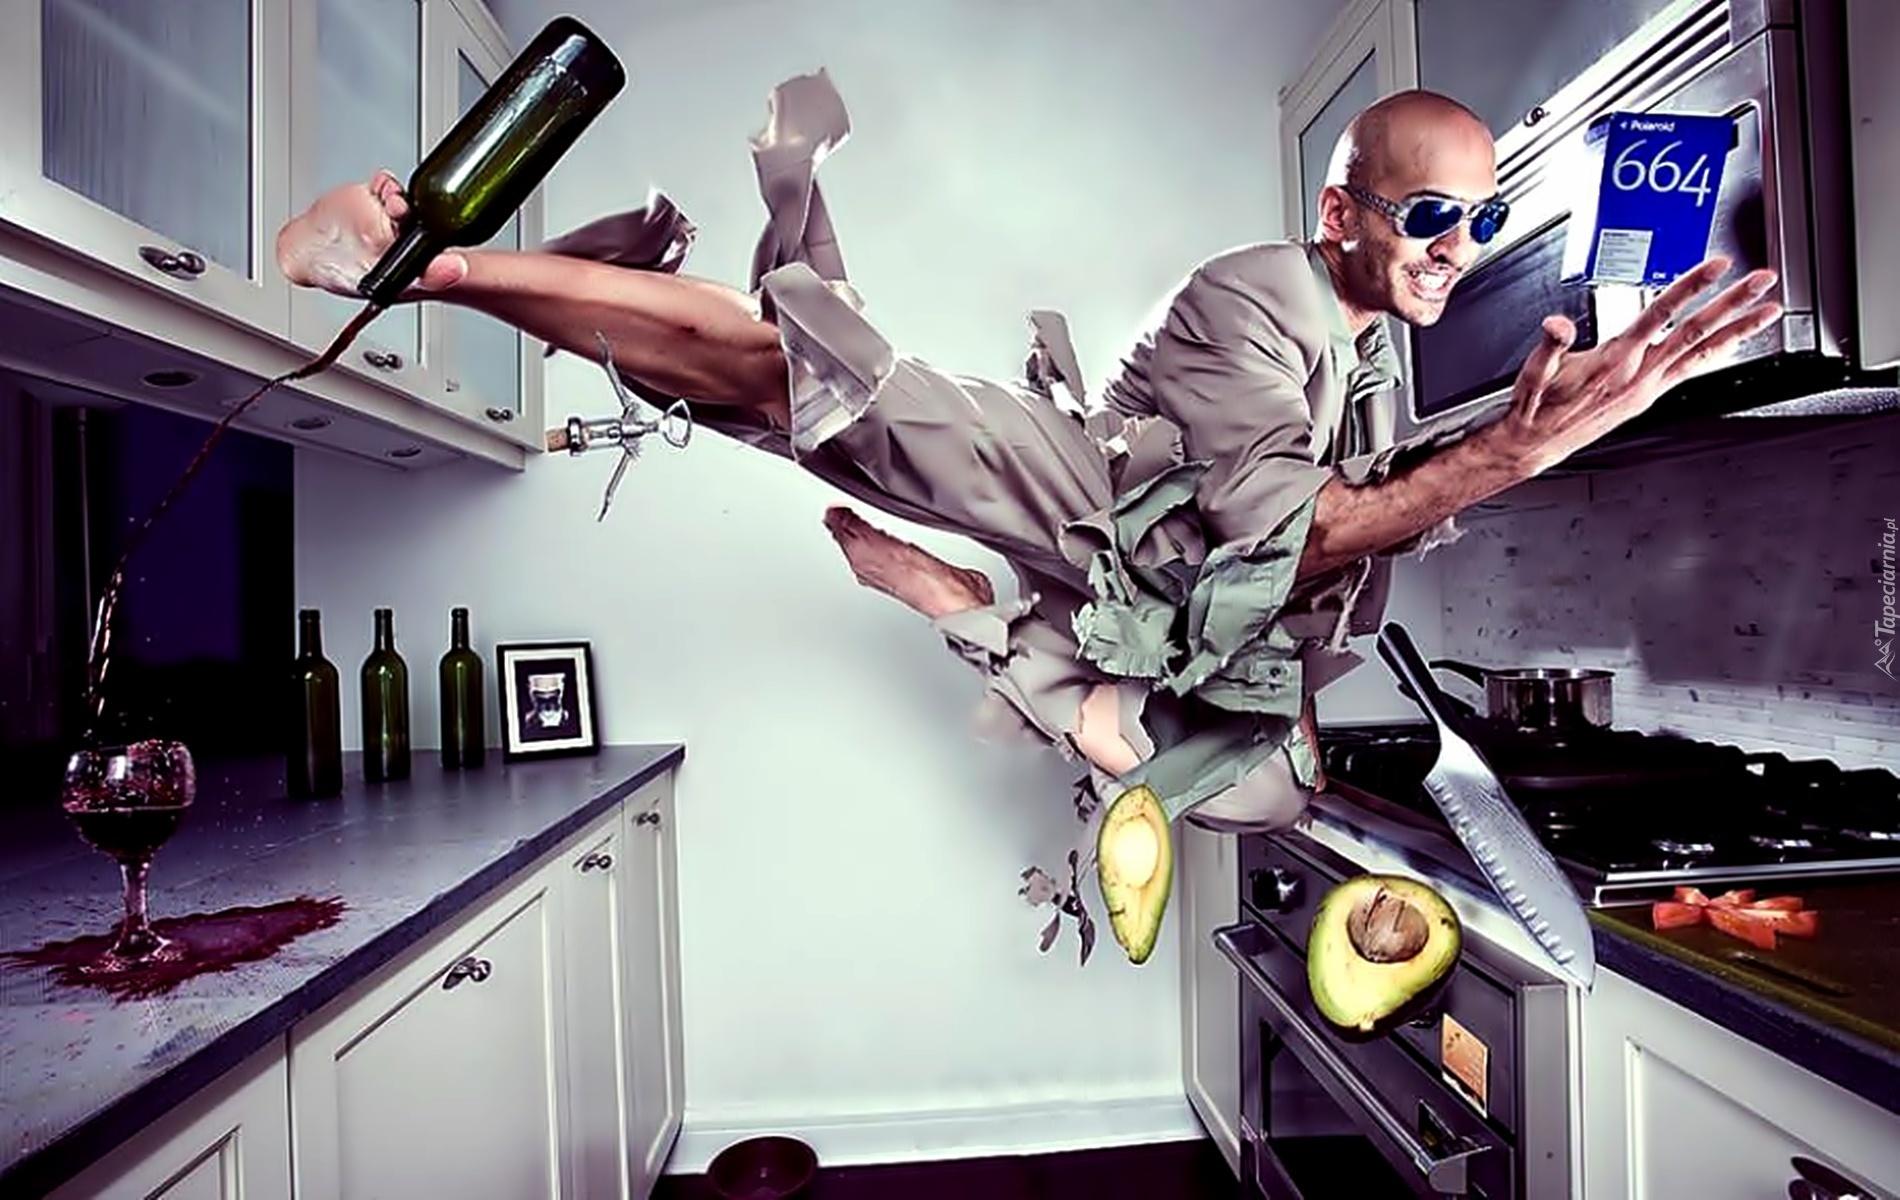 крайслер смешные фото мужчин на кухне этих